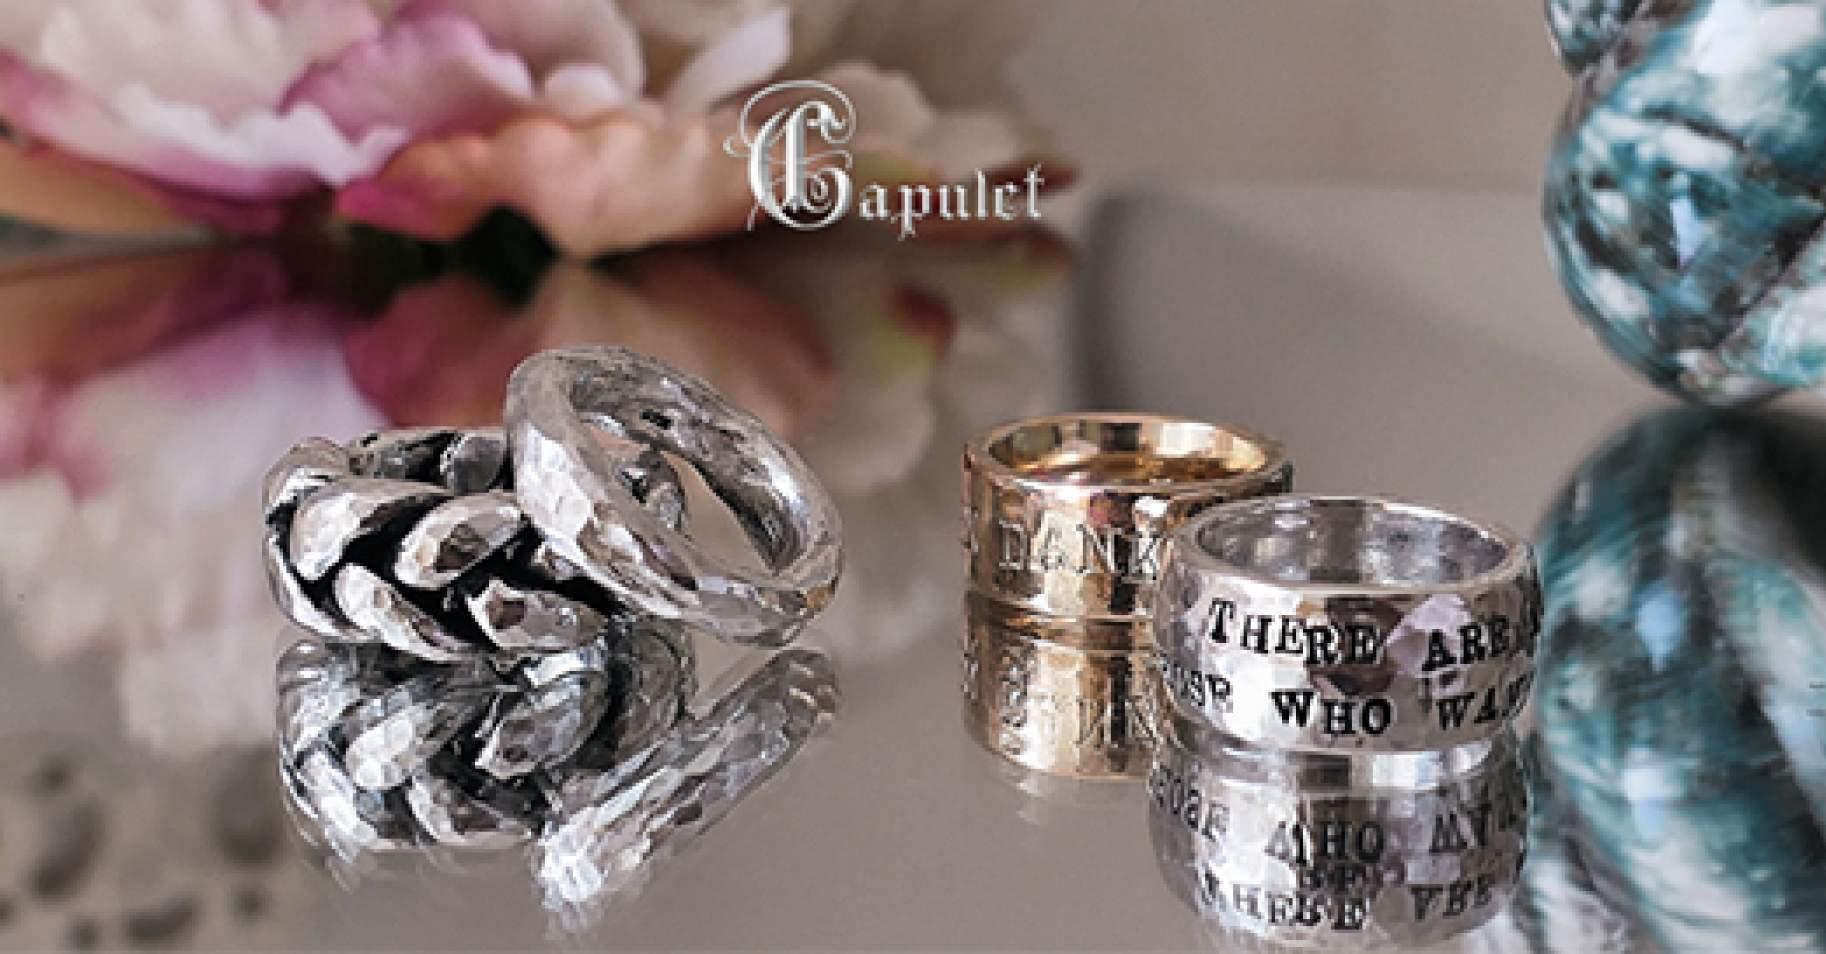 CAPULET Jewelry